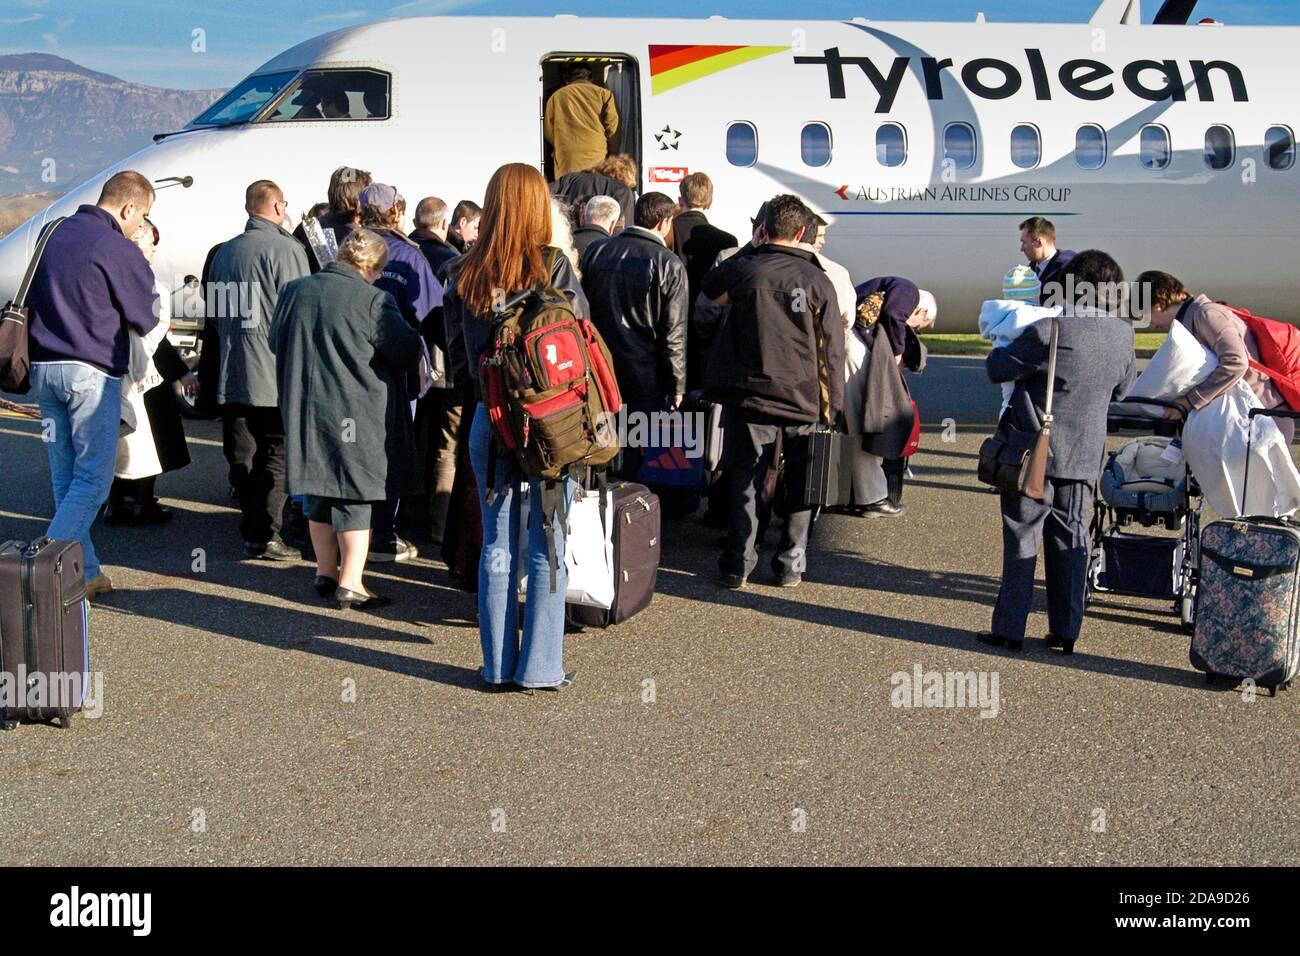 Aeroporto internazionale di Madre Teresa, Tirana, Albania Foto Stock